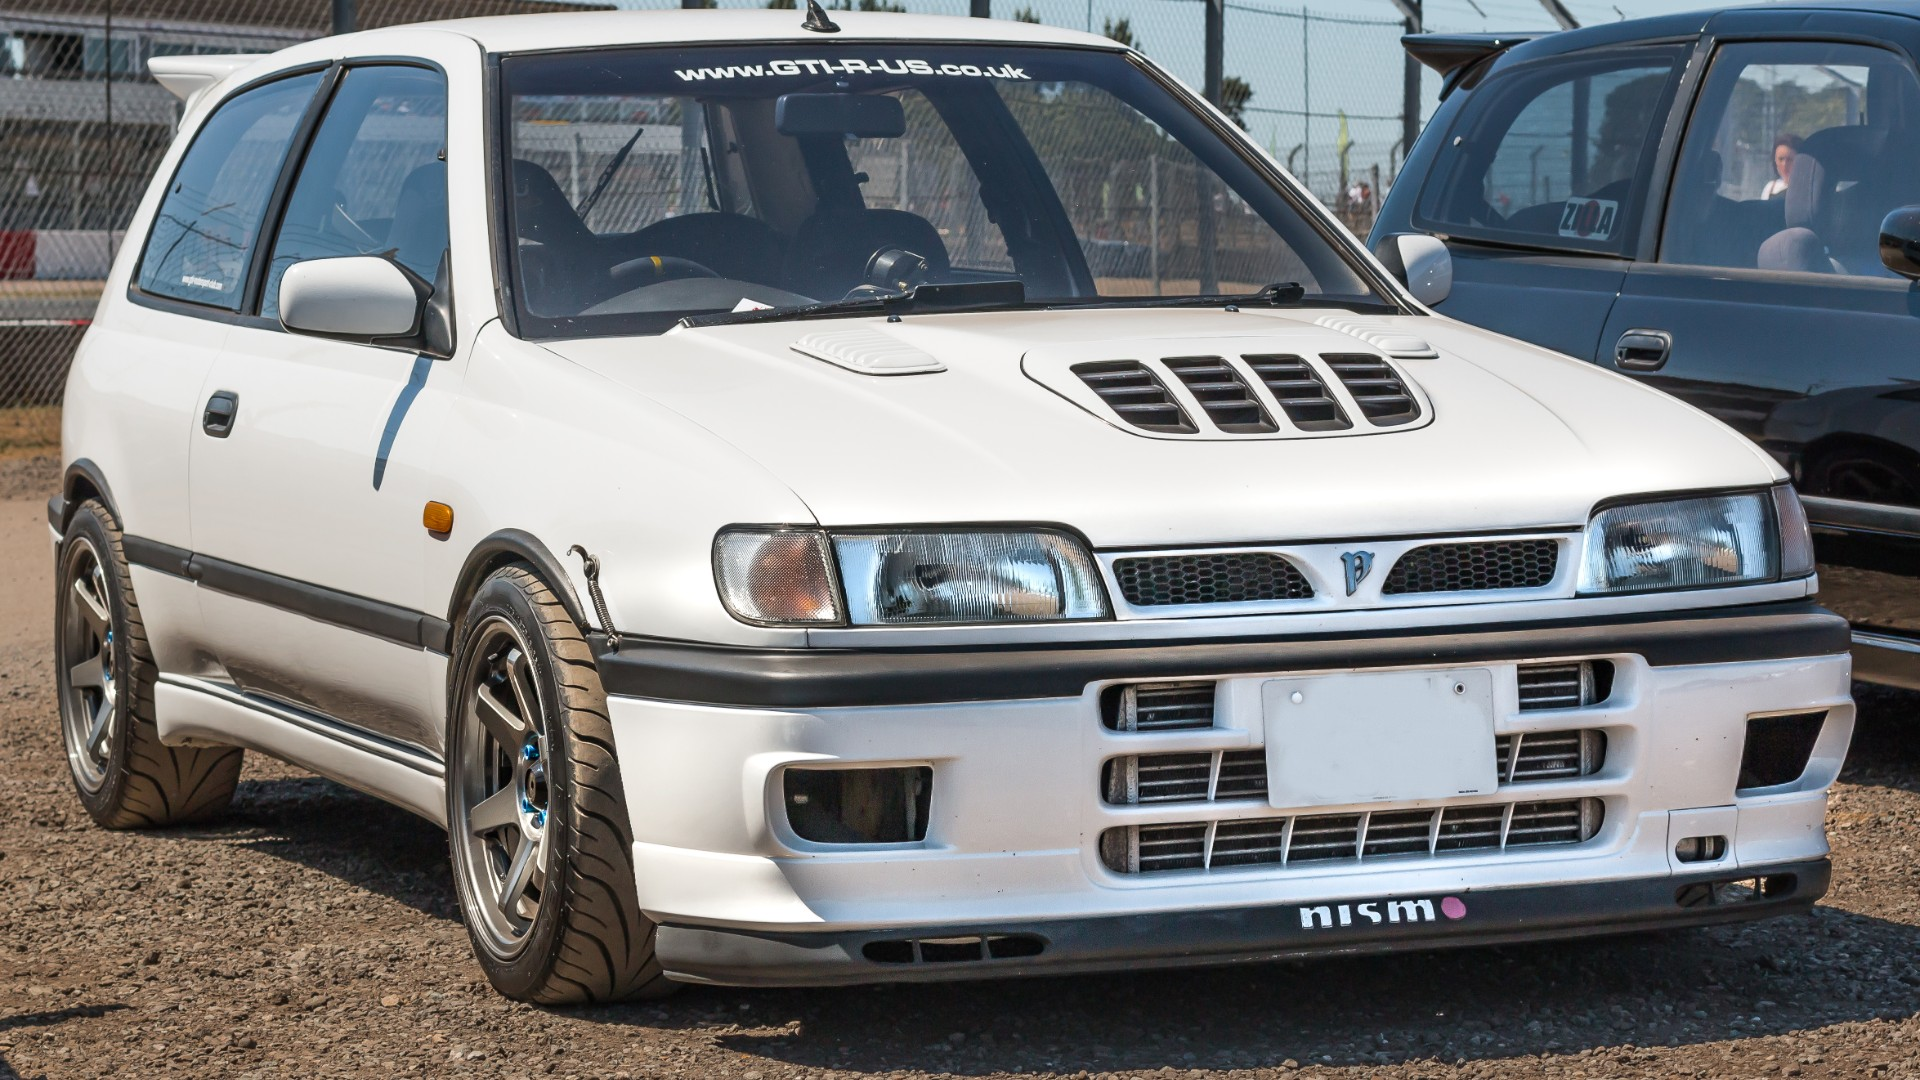 Nissan Pulsar GTi-R Insurance Header Image